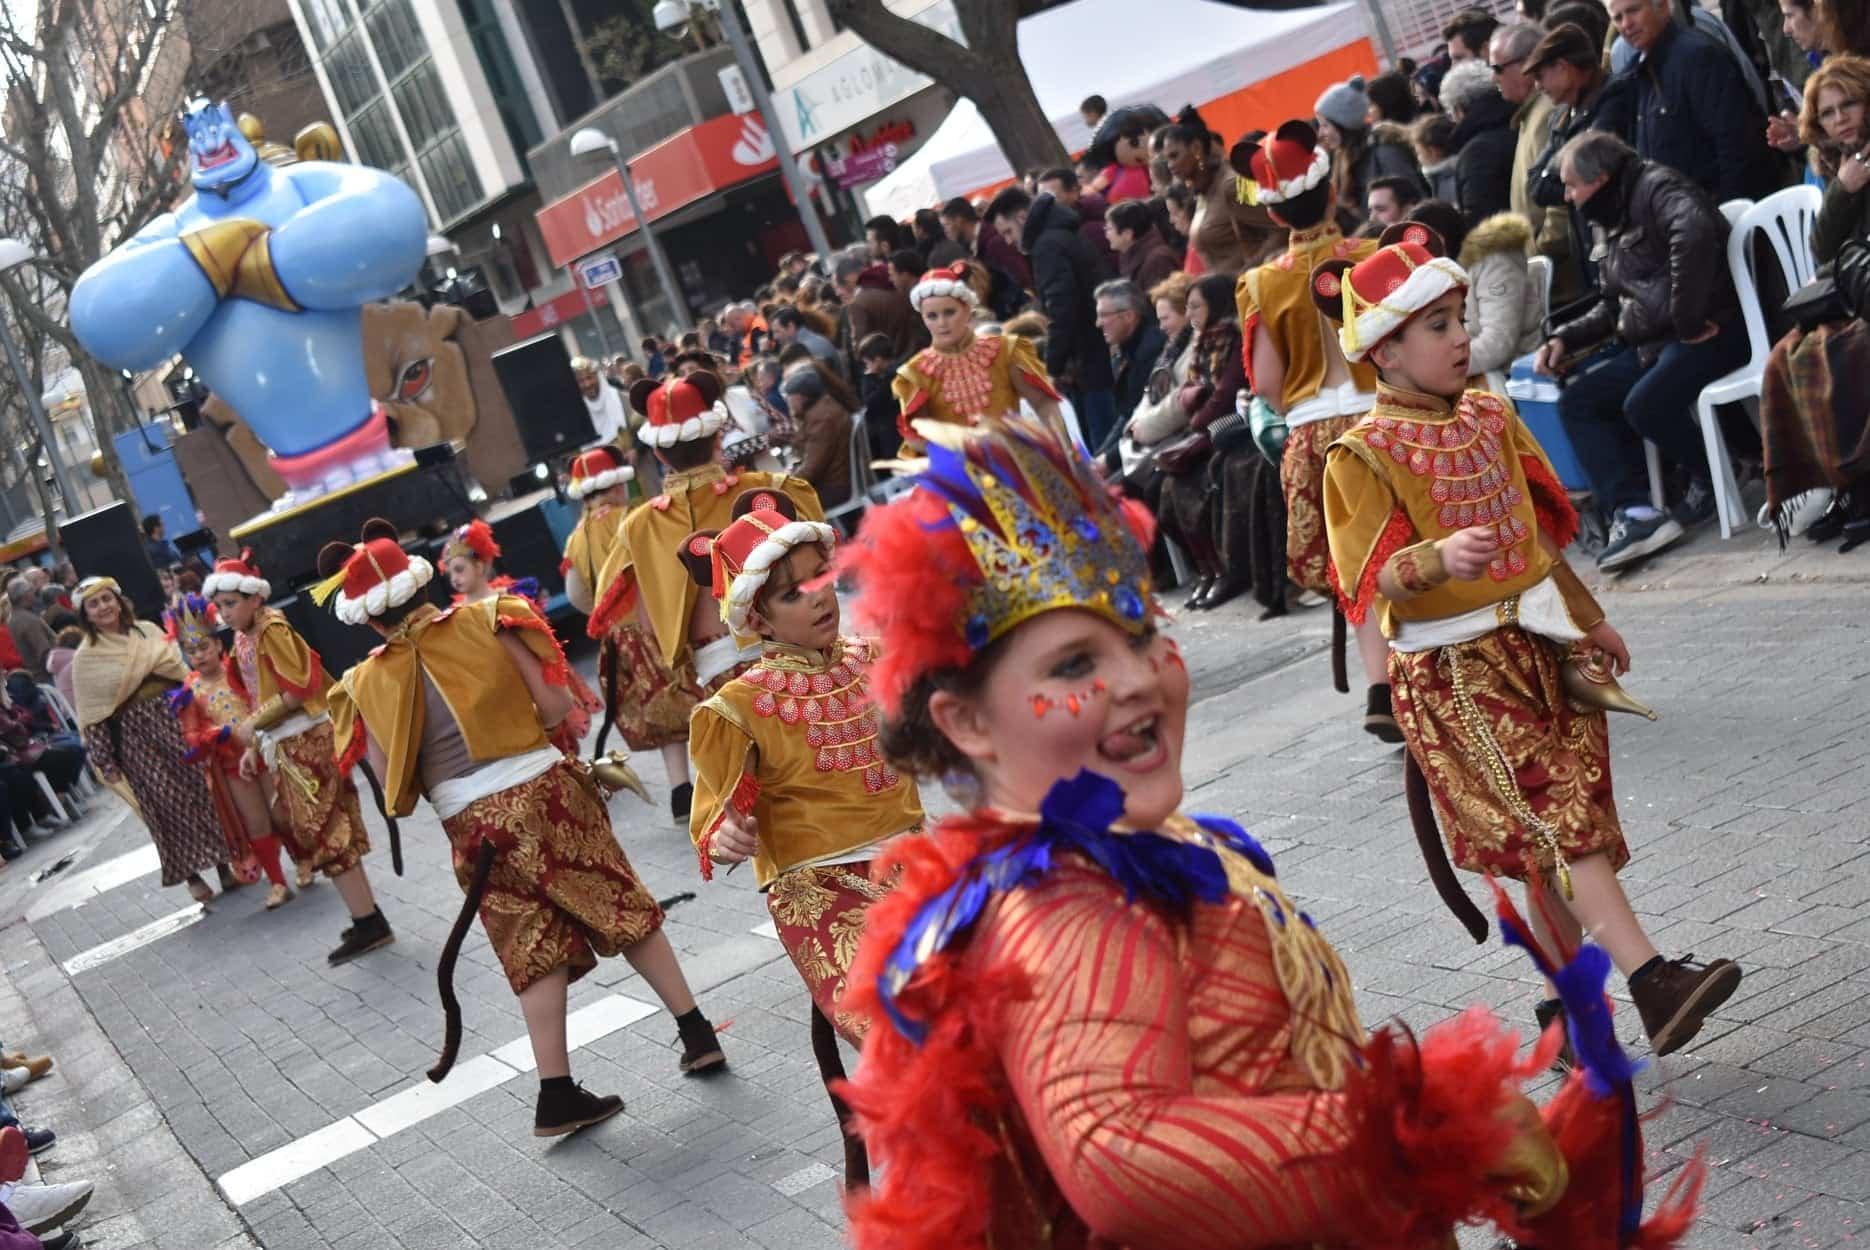 Carnaval de ciudad real 2020 axonsou arlequin oro herencia 7 - Axonsou se lleva el Arlequín de Oro en Ciudad Real